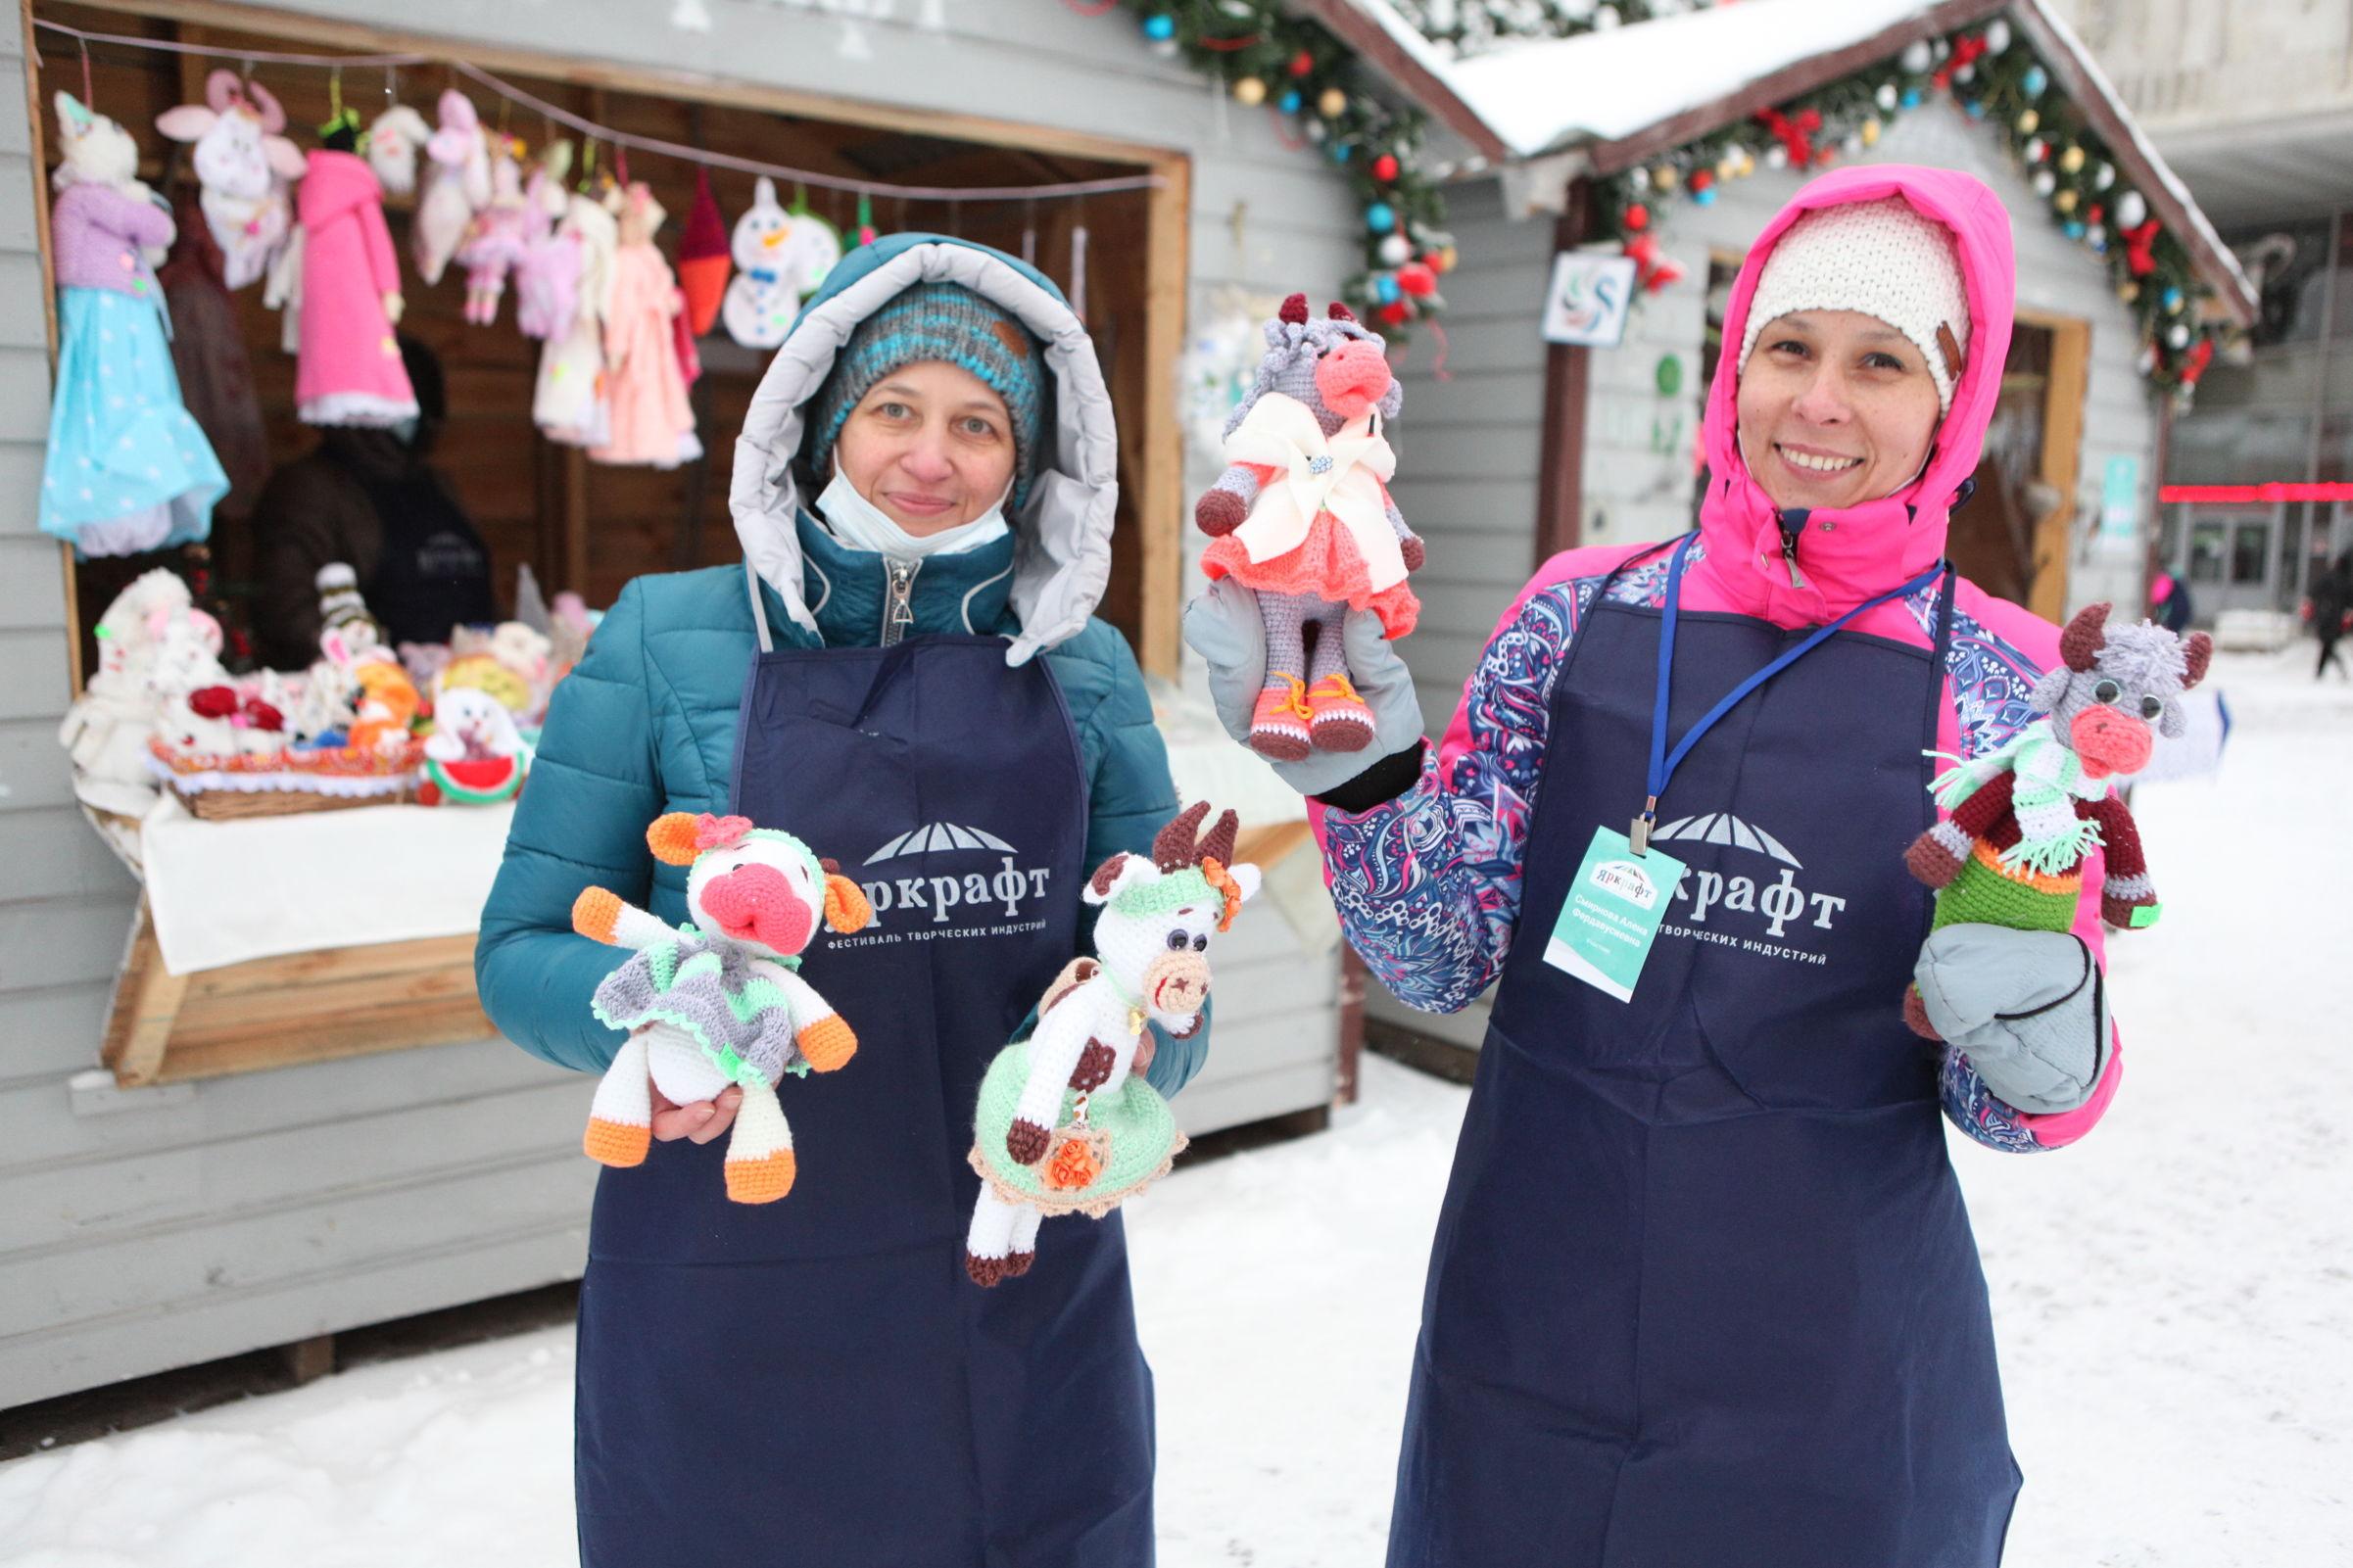 Город мастеров в канун Нового года. В Ярославле прошел фестиваль городских ремесел